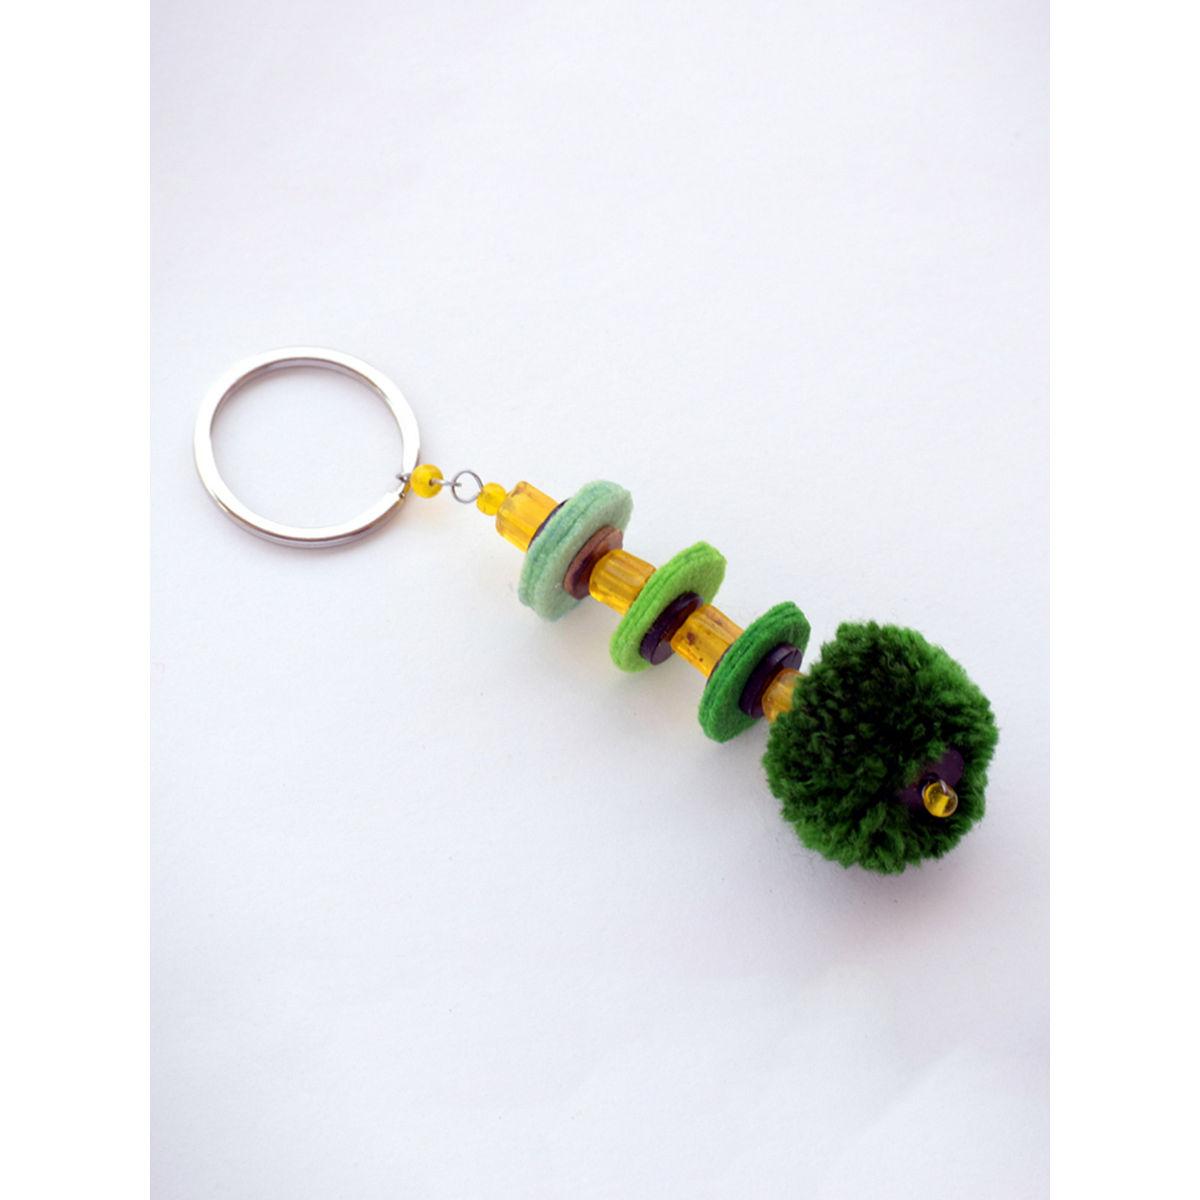 Munchkin Keychain - Green